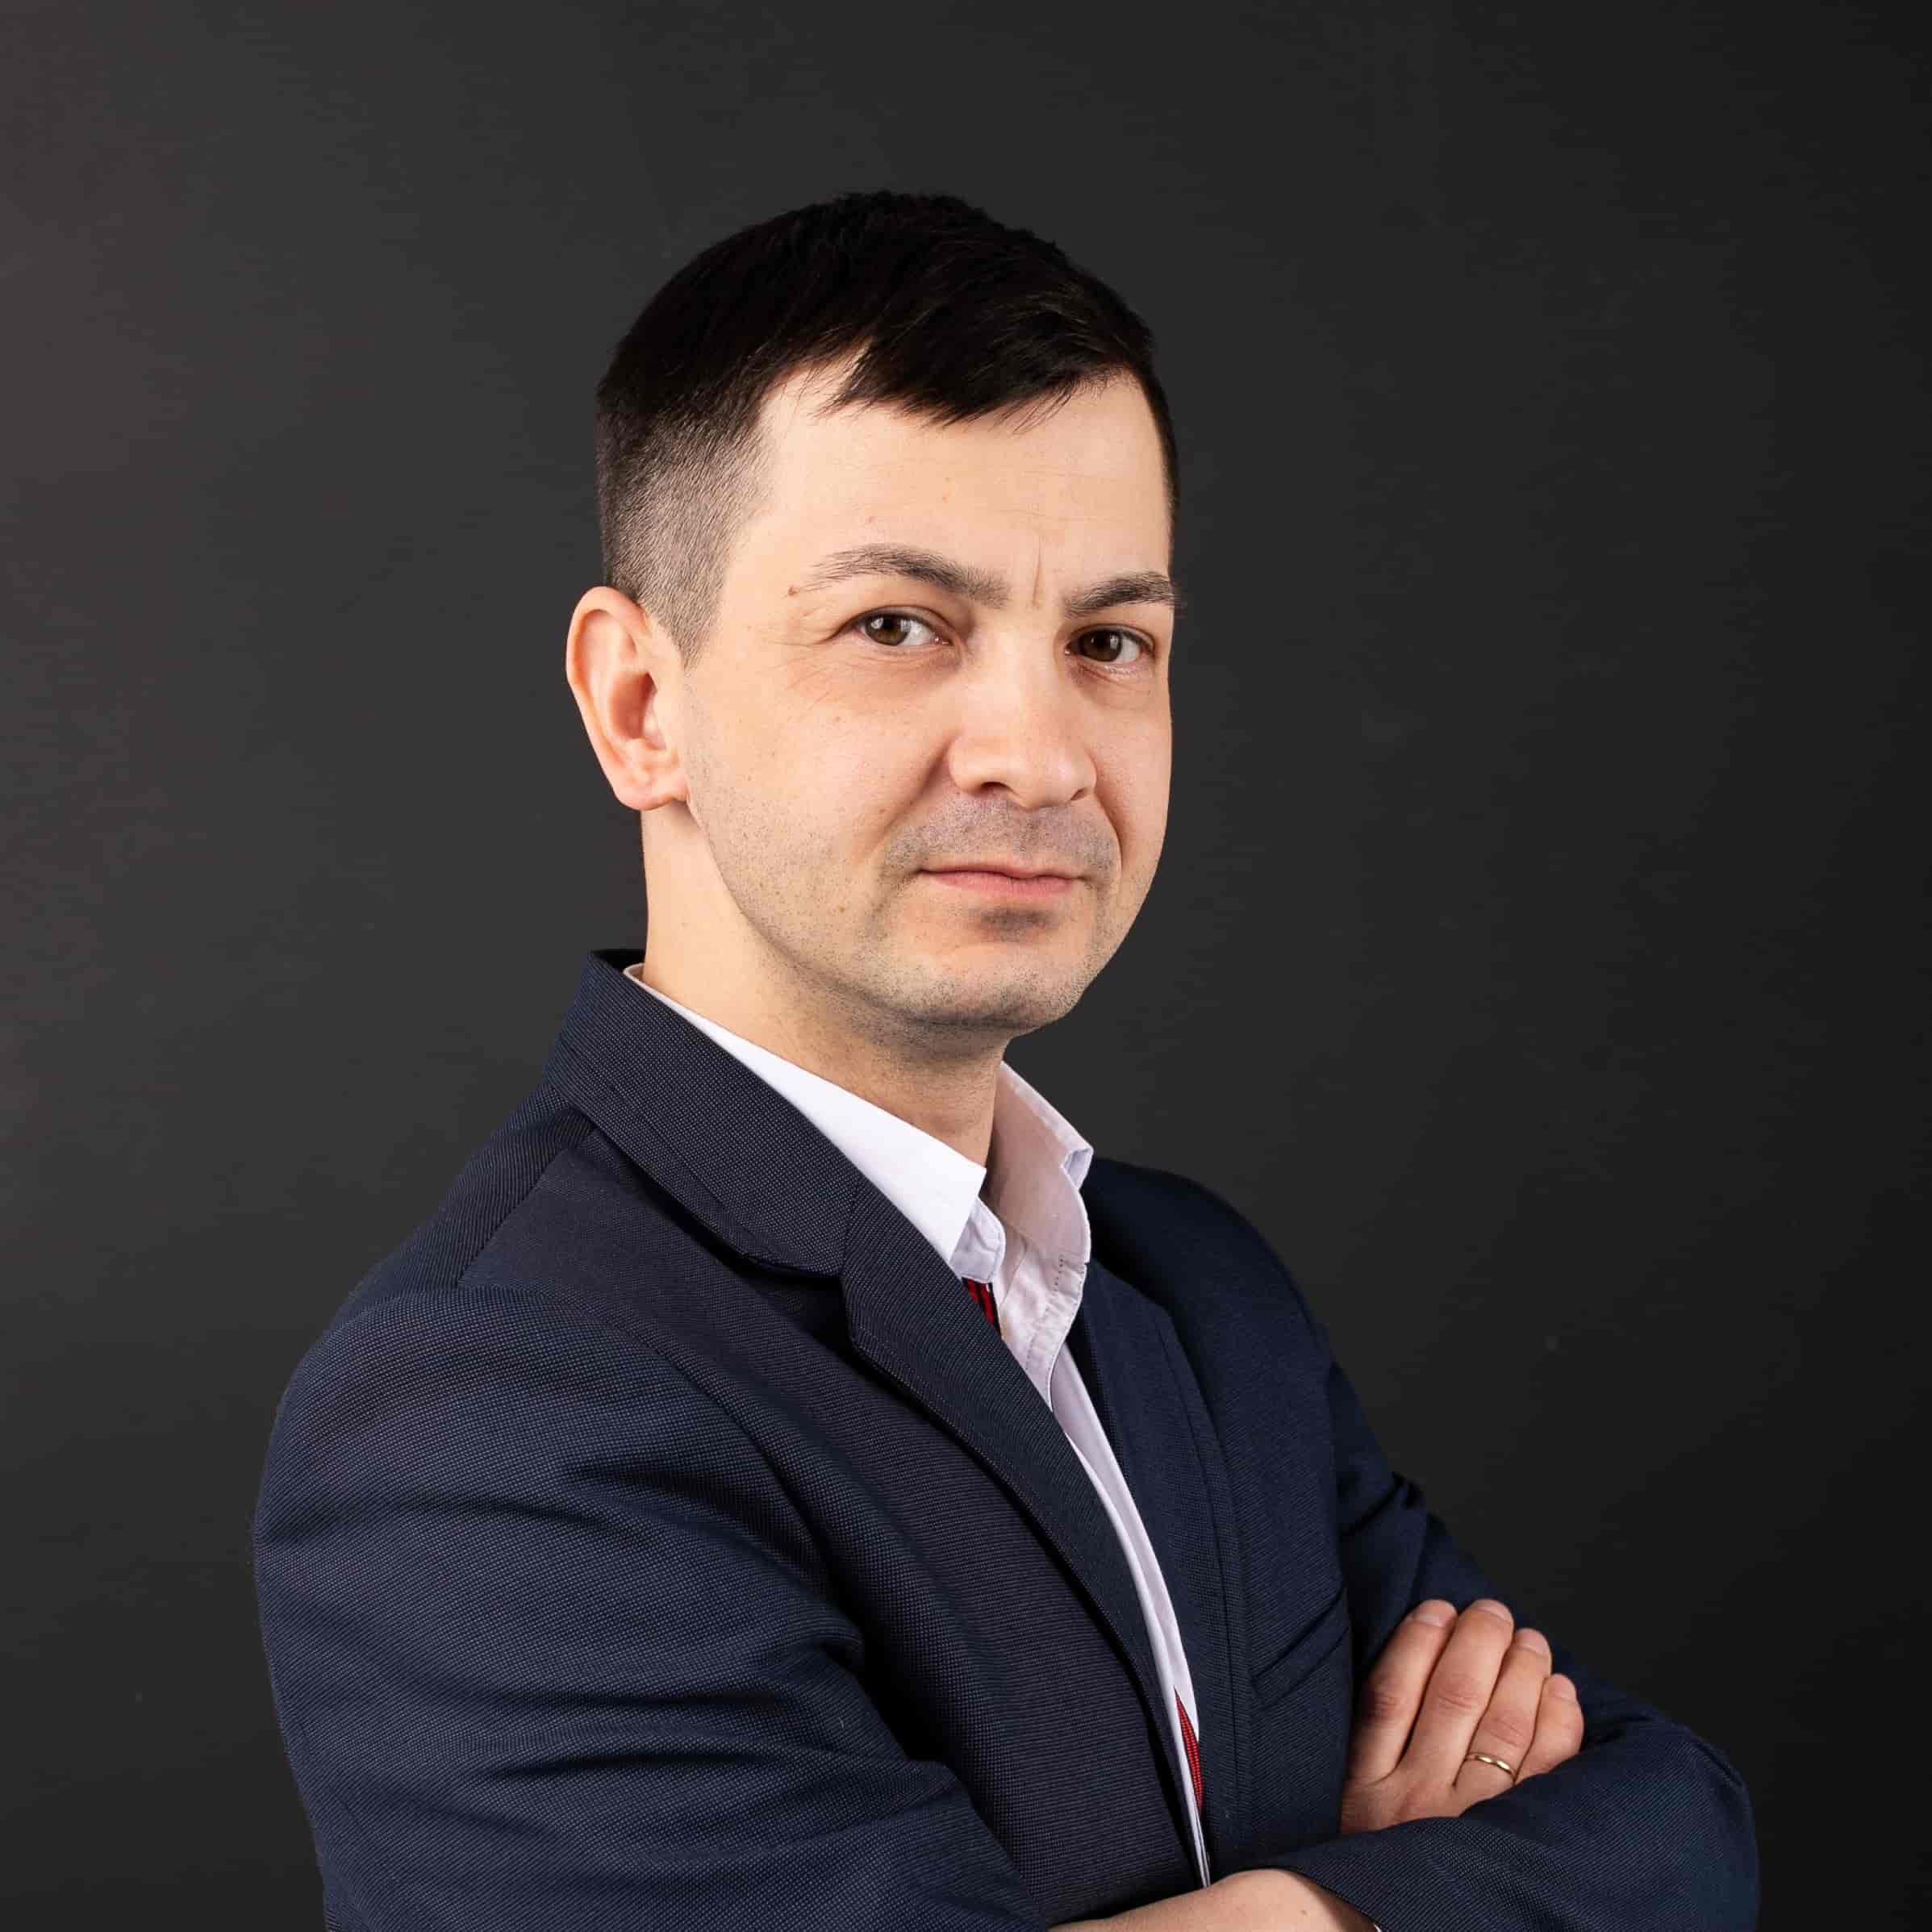 Самигуллин Ильдар Робертович - Начальник отдела лесоустройства